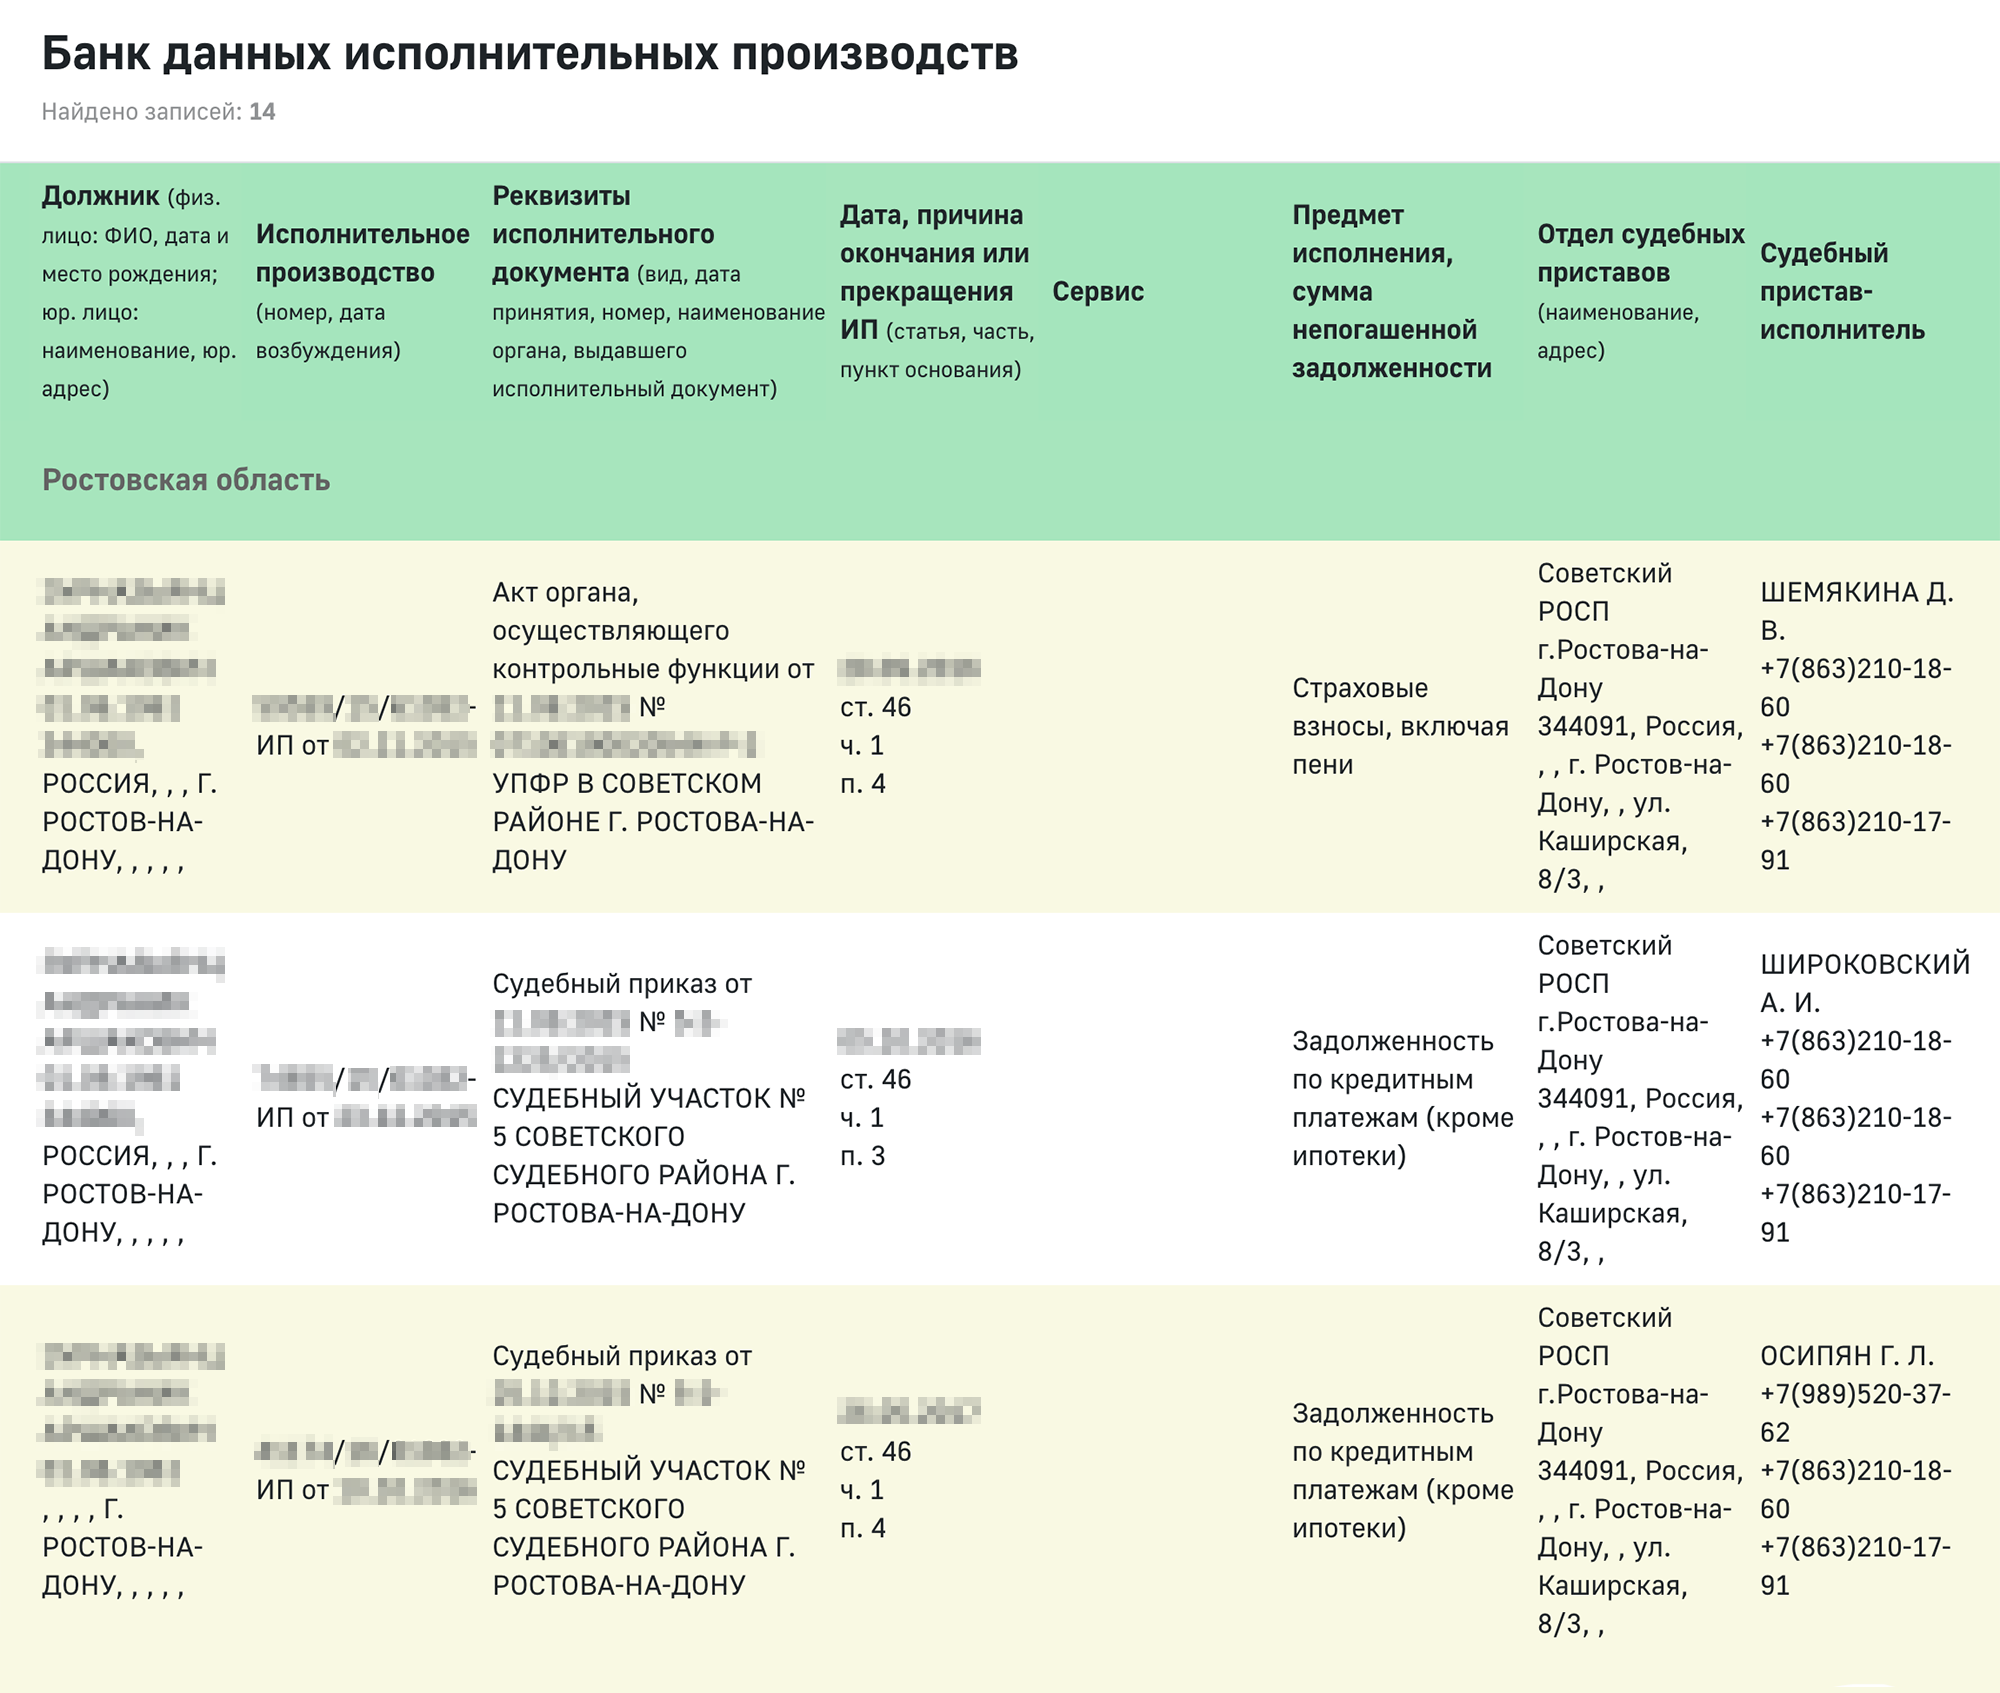 На сайте ФССП России есть информация о должниках. Это герой одной из изумительных историй{amp}amp;nbsp;{amp}lt;span class=nobr